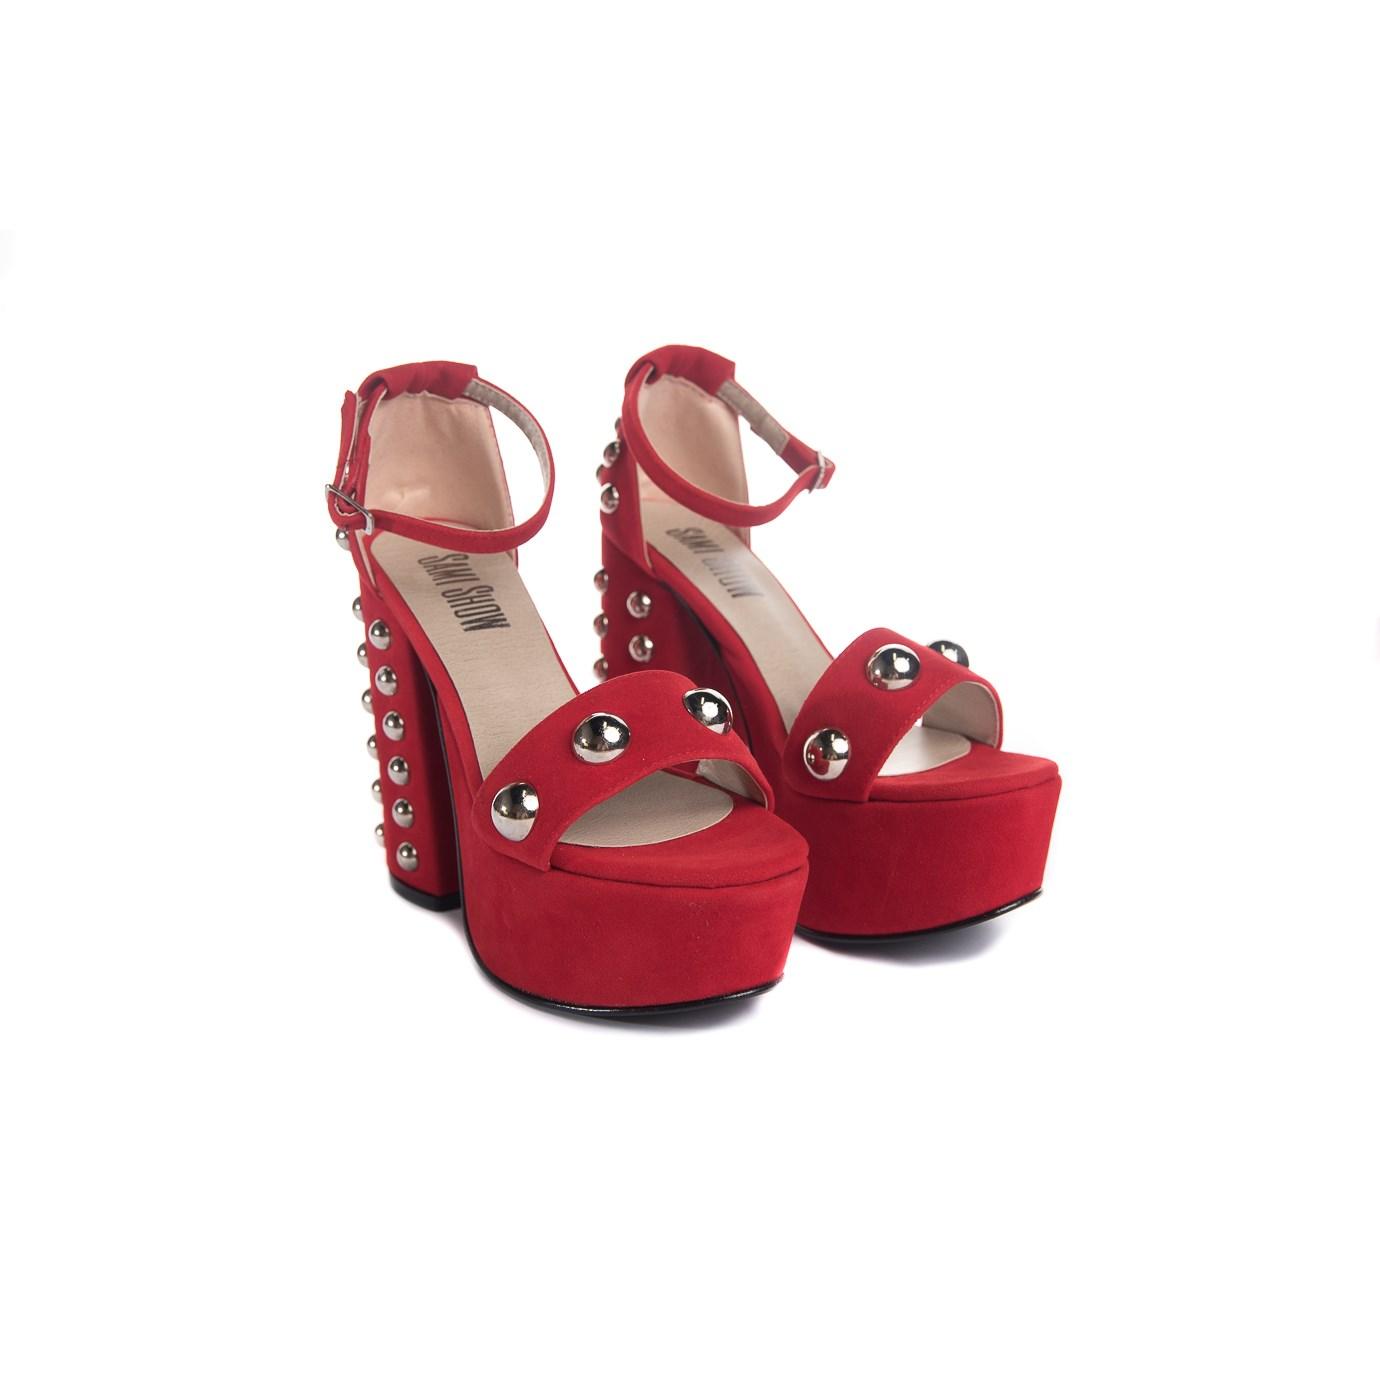 efaaf7e4de8 Sandalias Rojas Mujer Moda